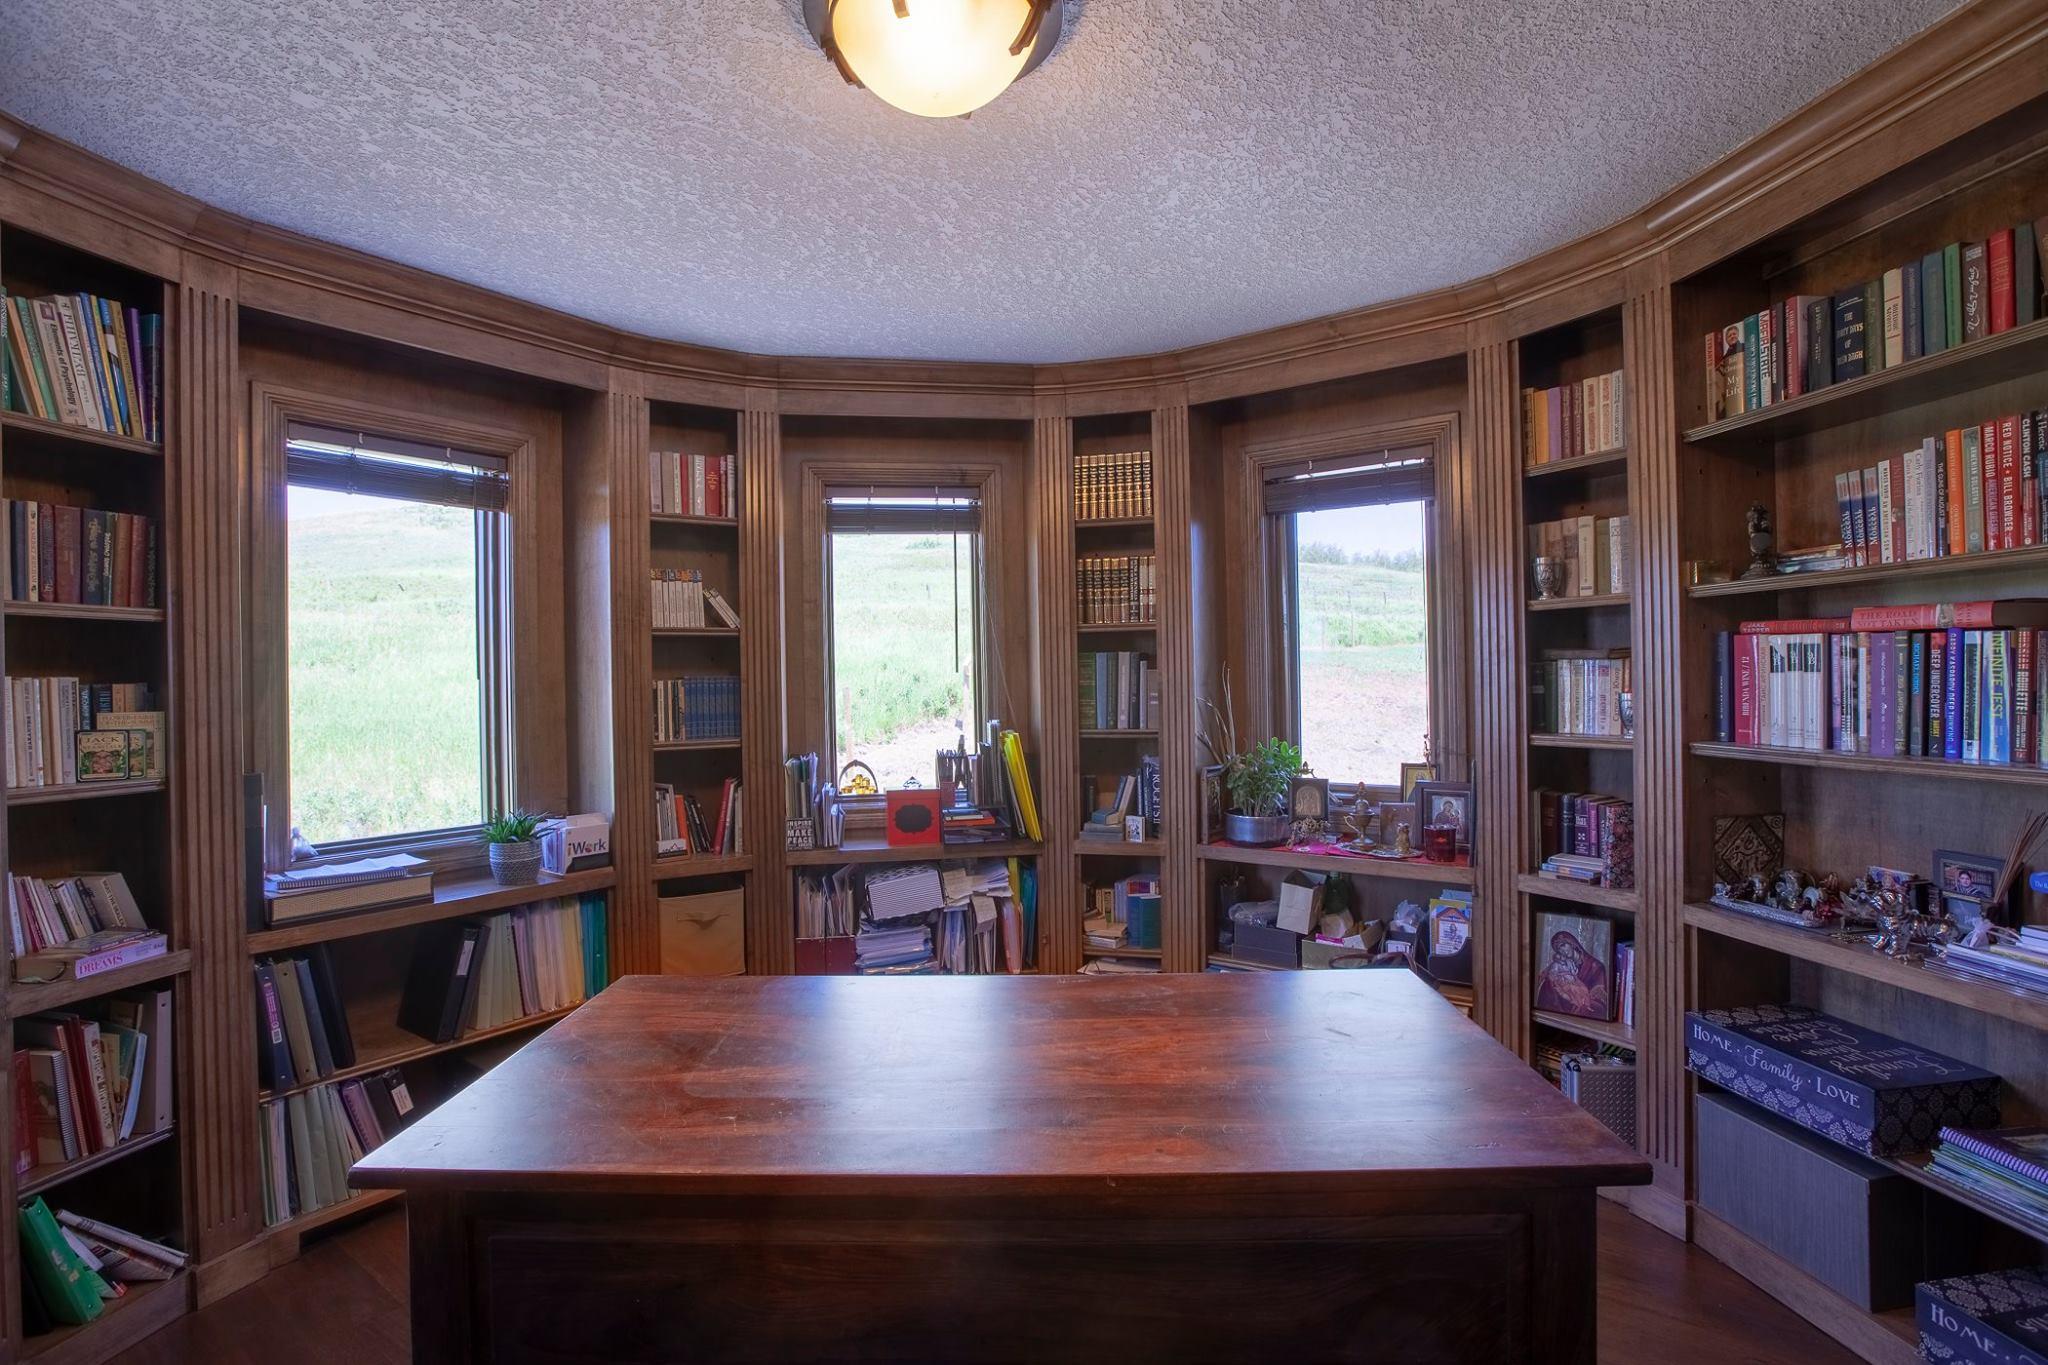 ... E aqui uma biblioteca